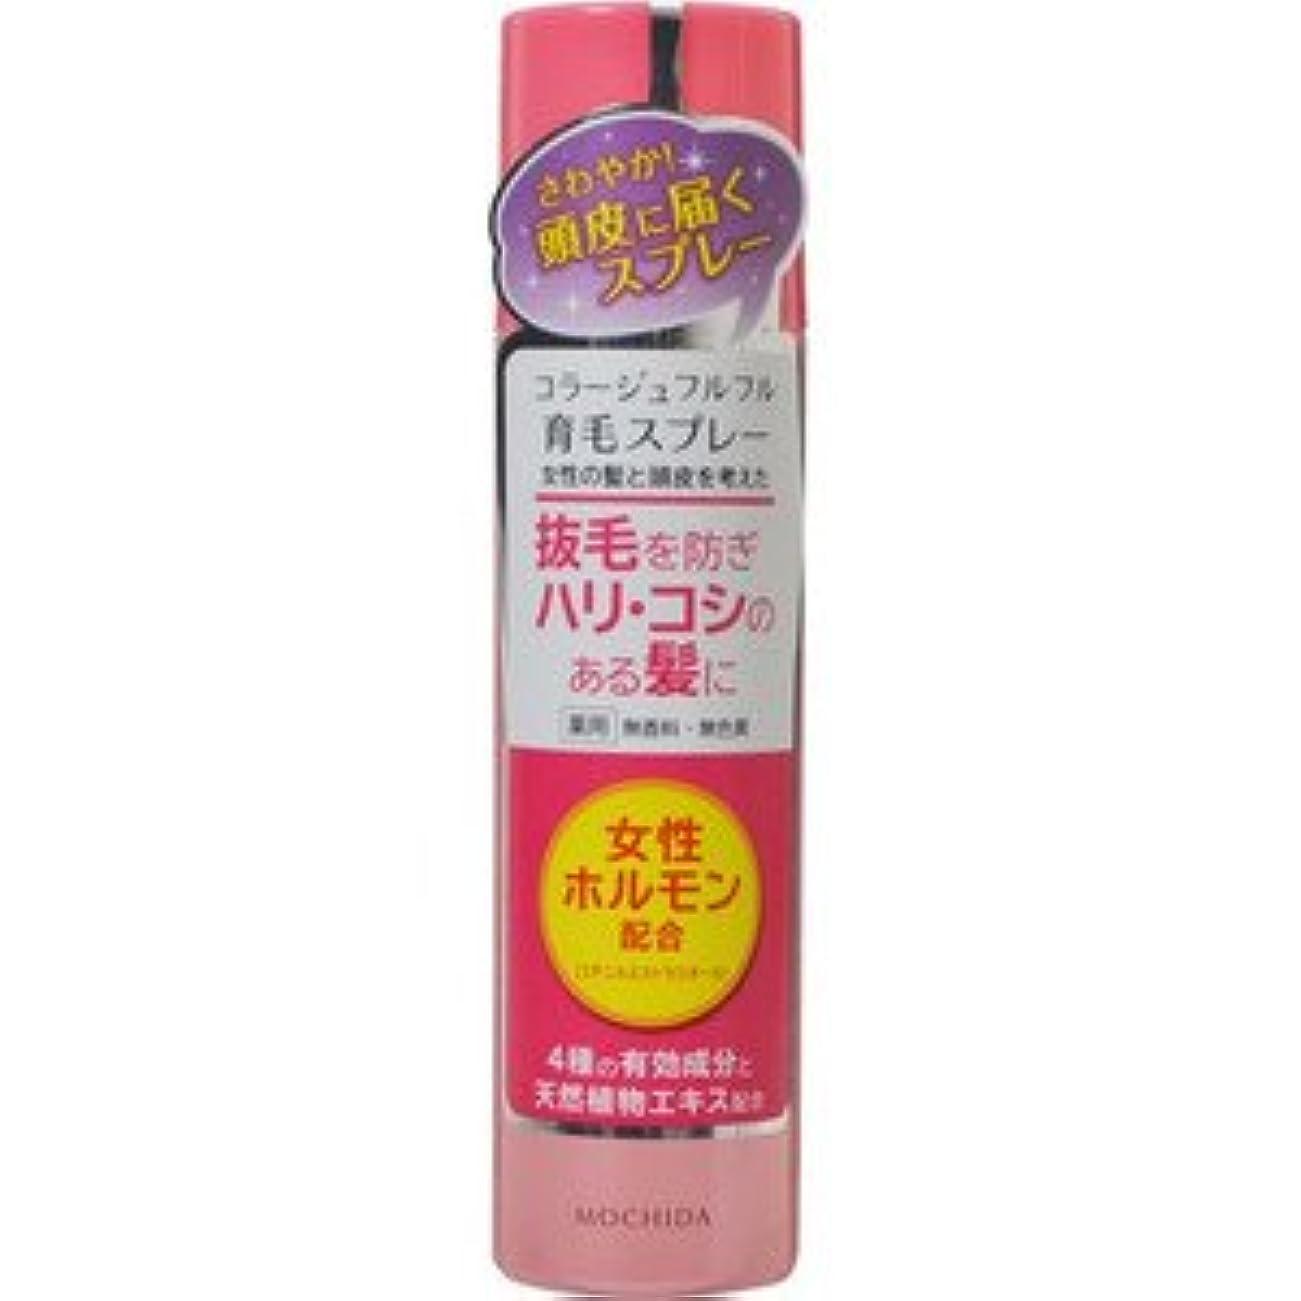 制限するチートロケット(持田ヘルスケア)コラージュフルフル 育毛スプレー 150g(医薬部外品)